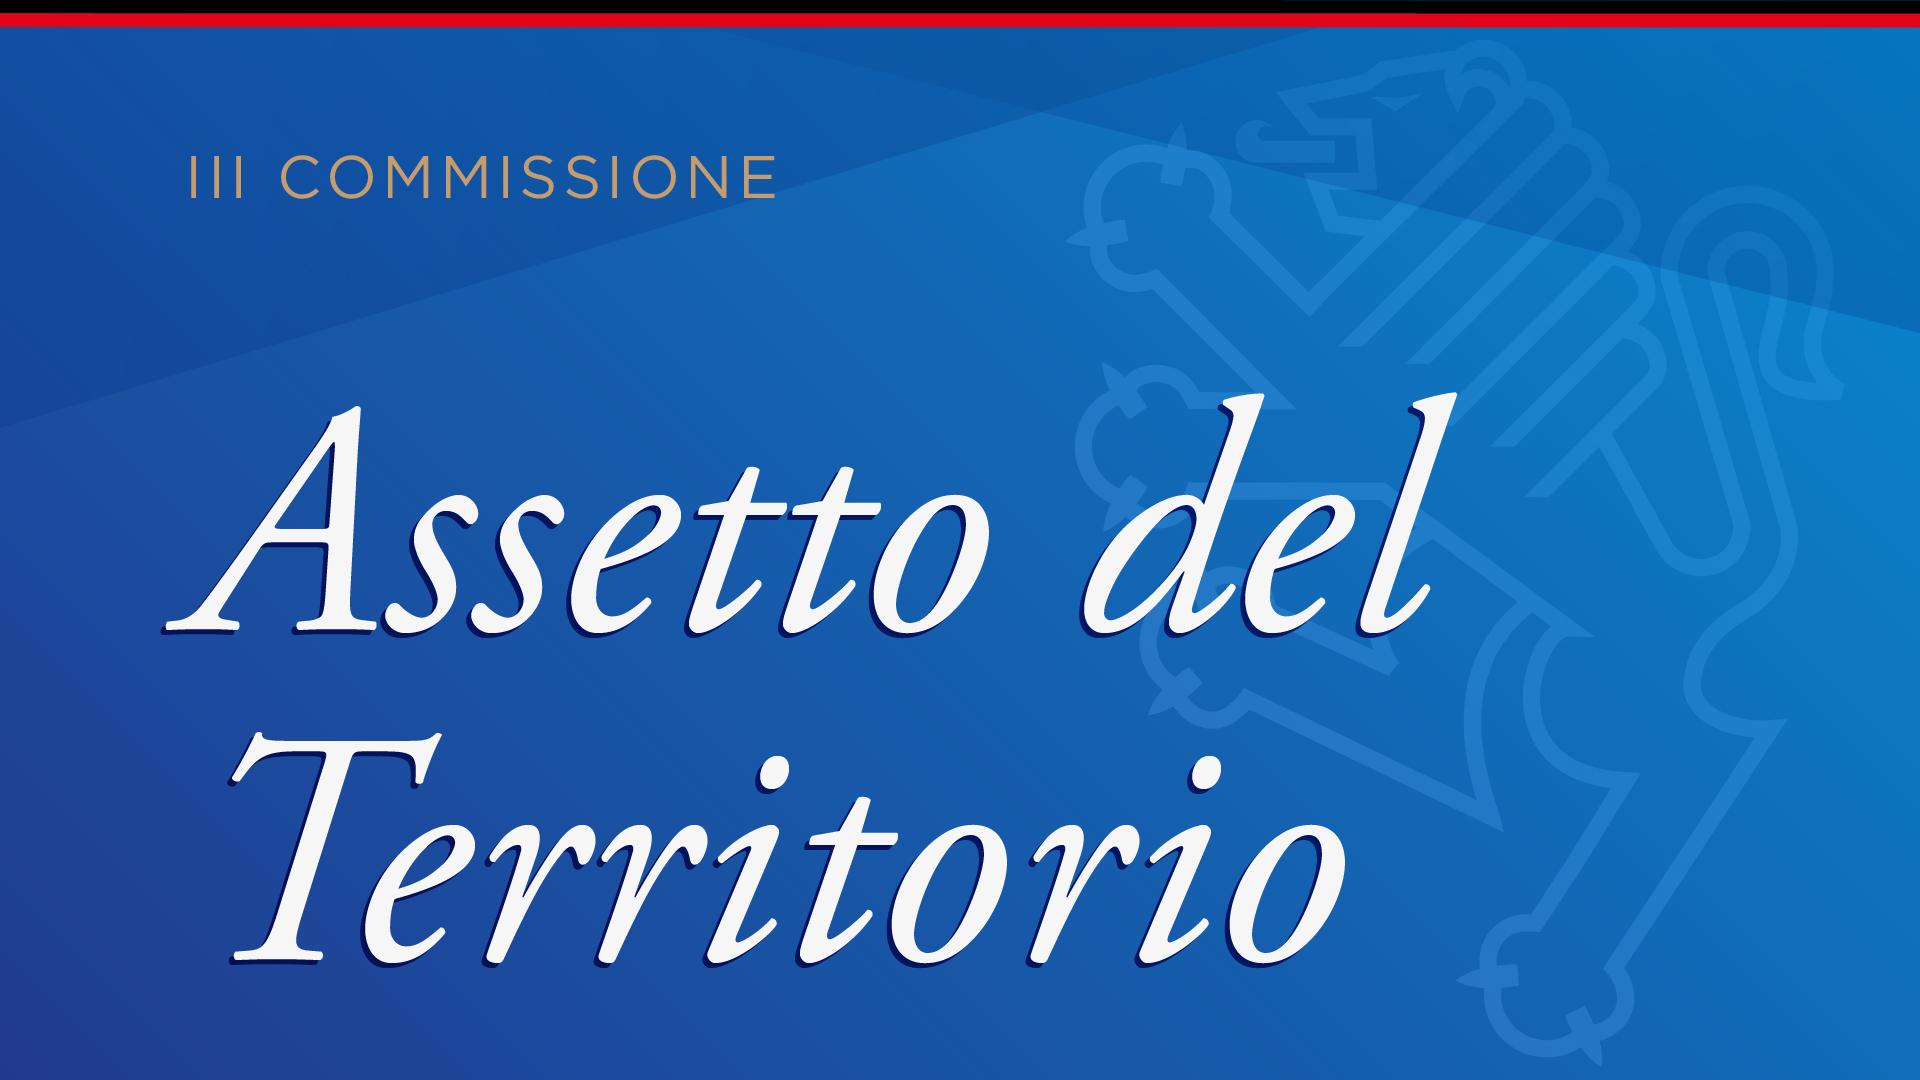 III Commissione: Assetto del Territorio